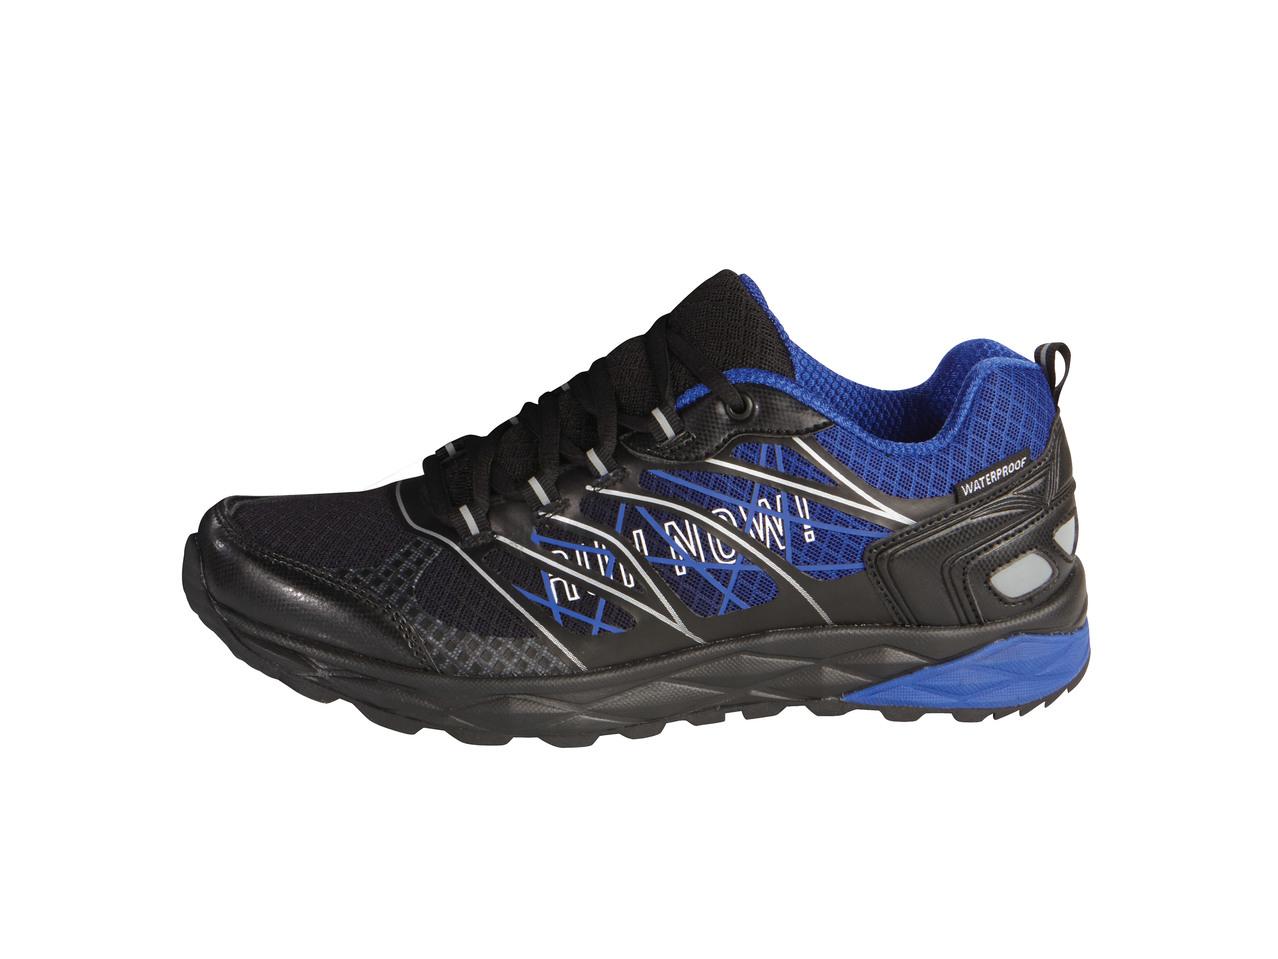 Pánská nepromokavá běžecká obuv Crivit